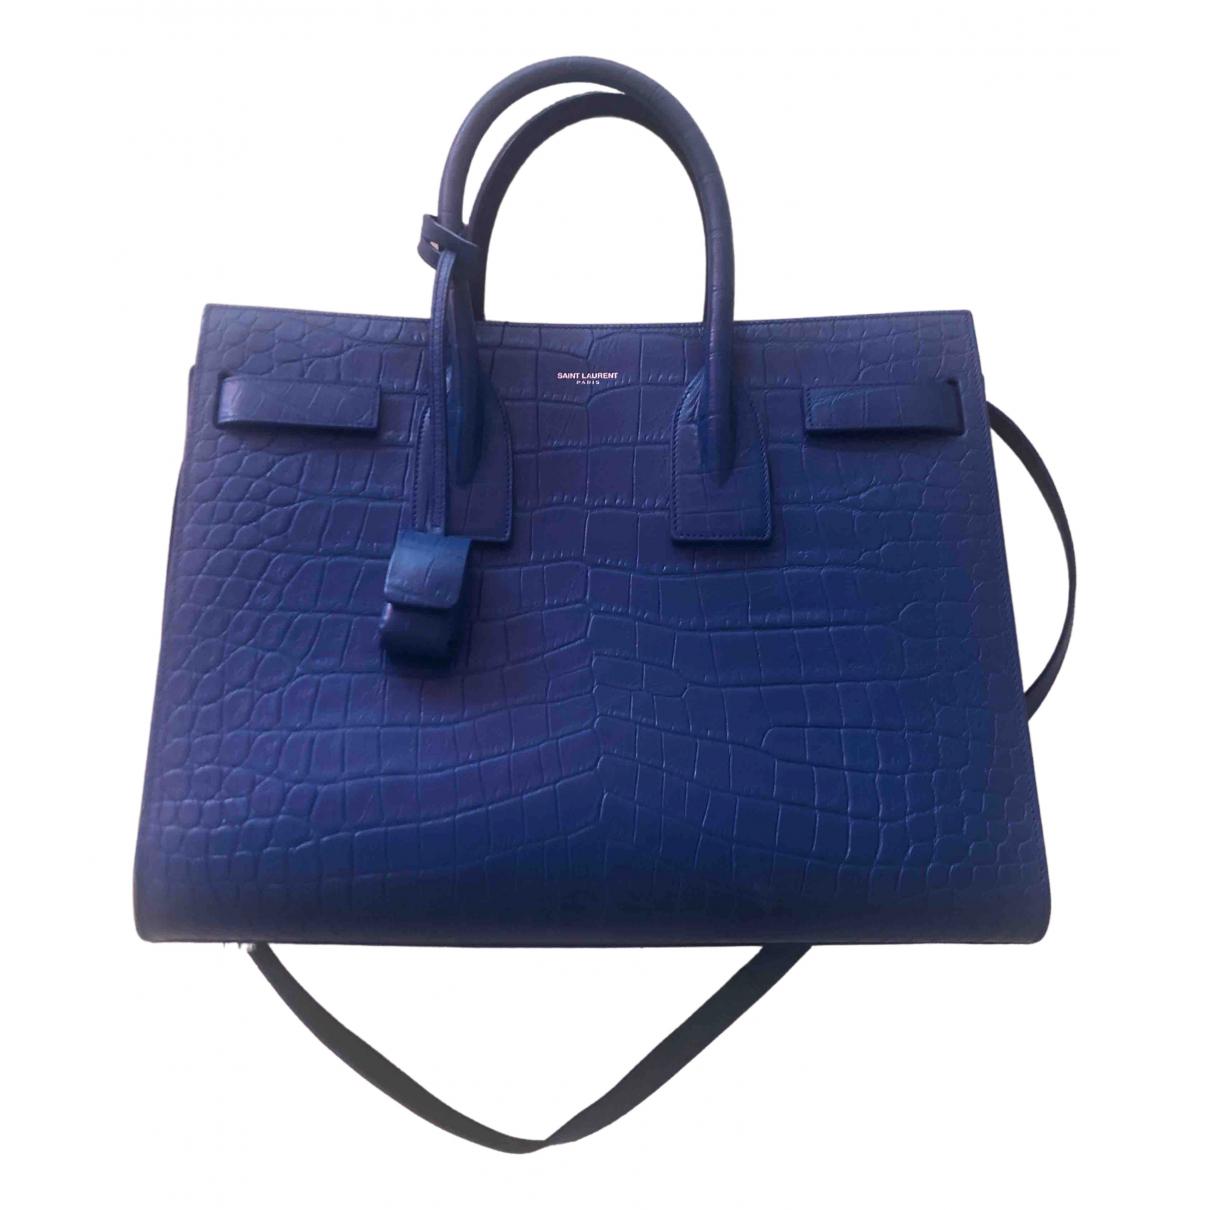 Saint Laurent Sac de Jour Handtasche in  Blau Leder